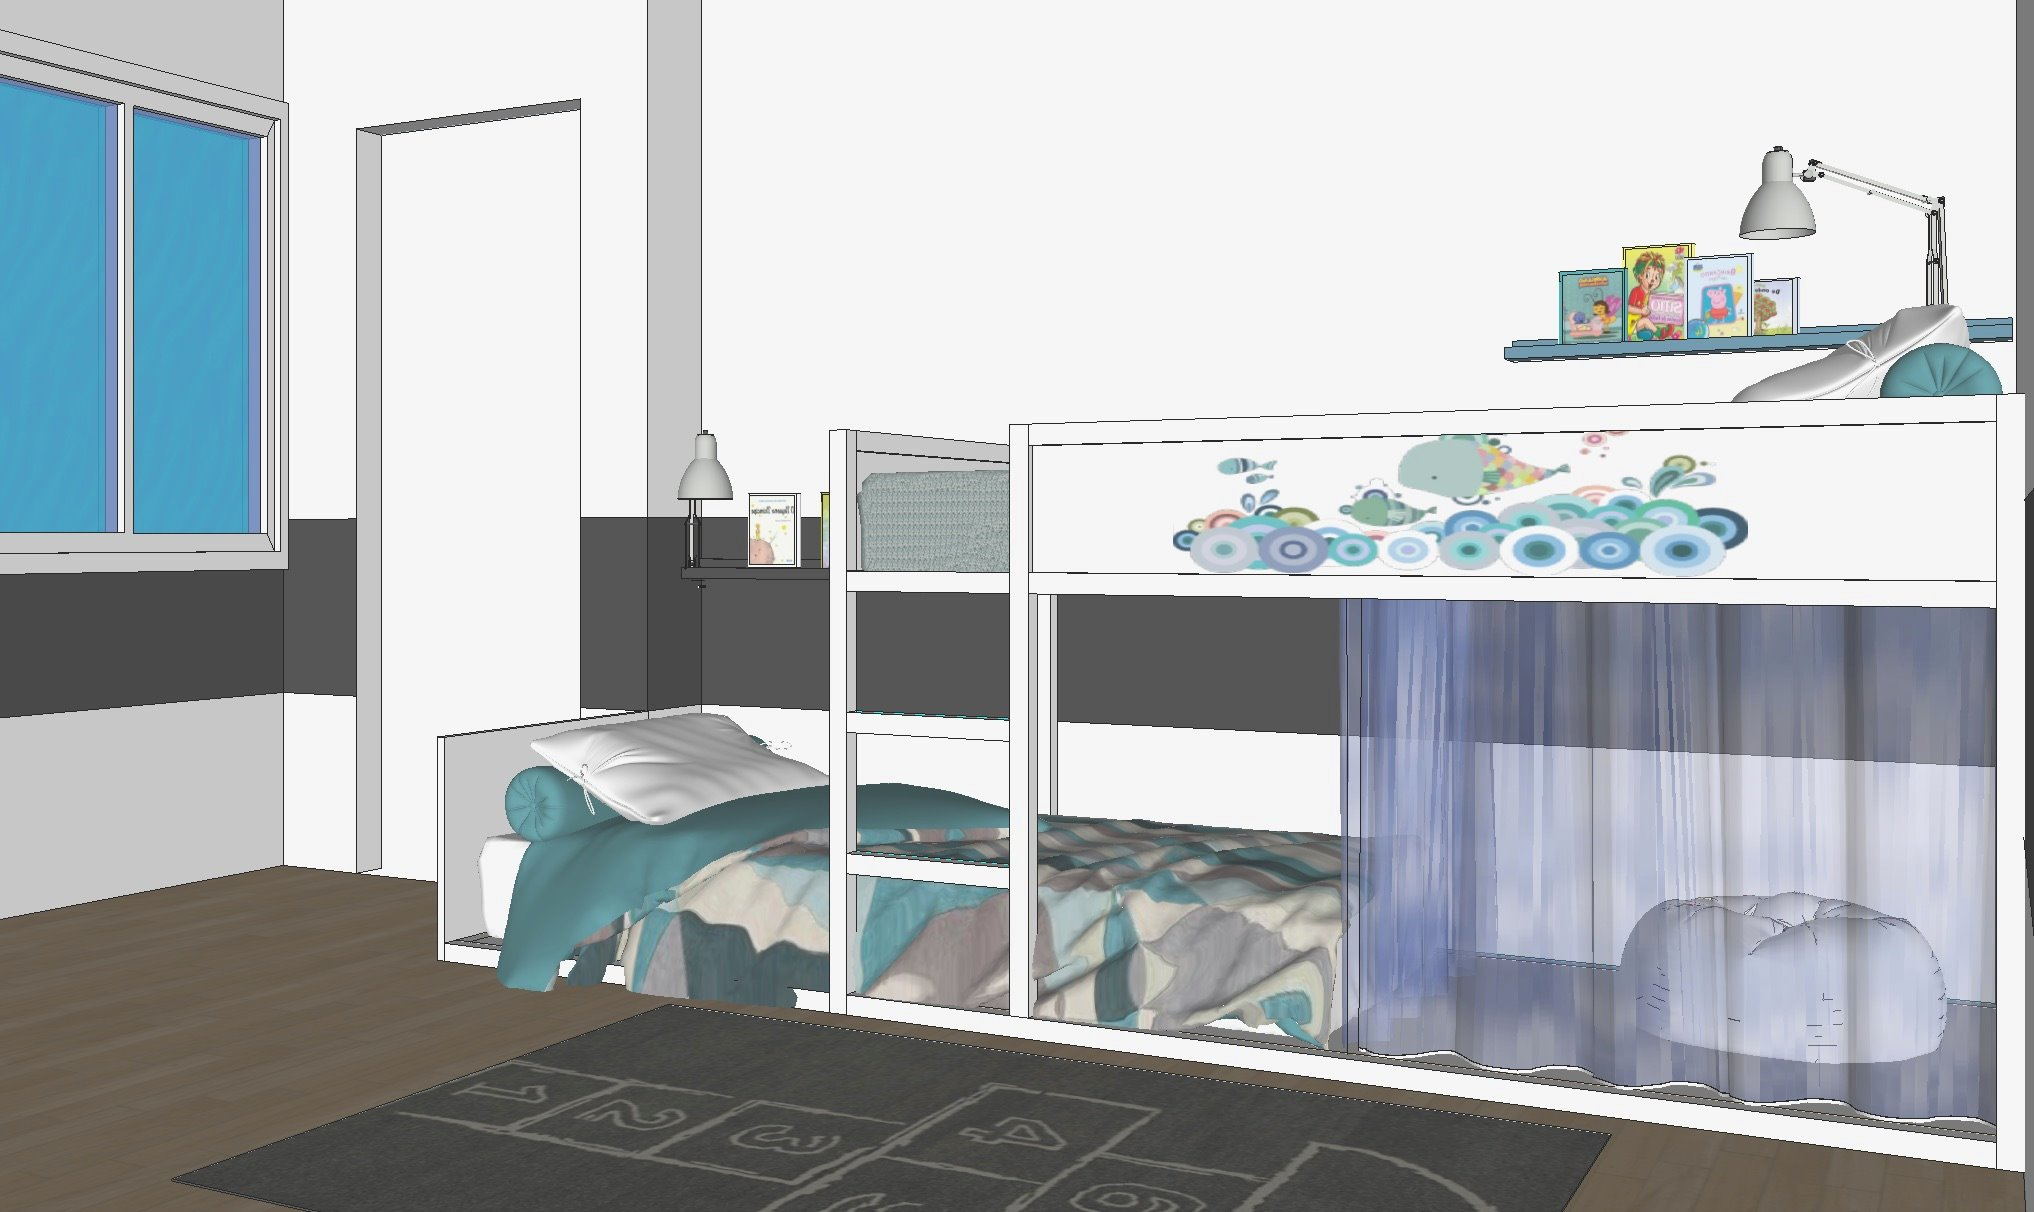 Letto Kura Ikea Istruzioni : Diy a castle bunk bed letto a castello a creative anna